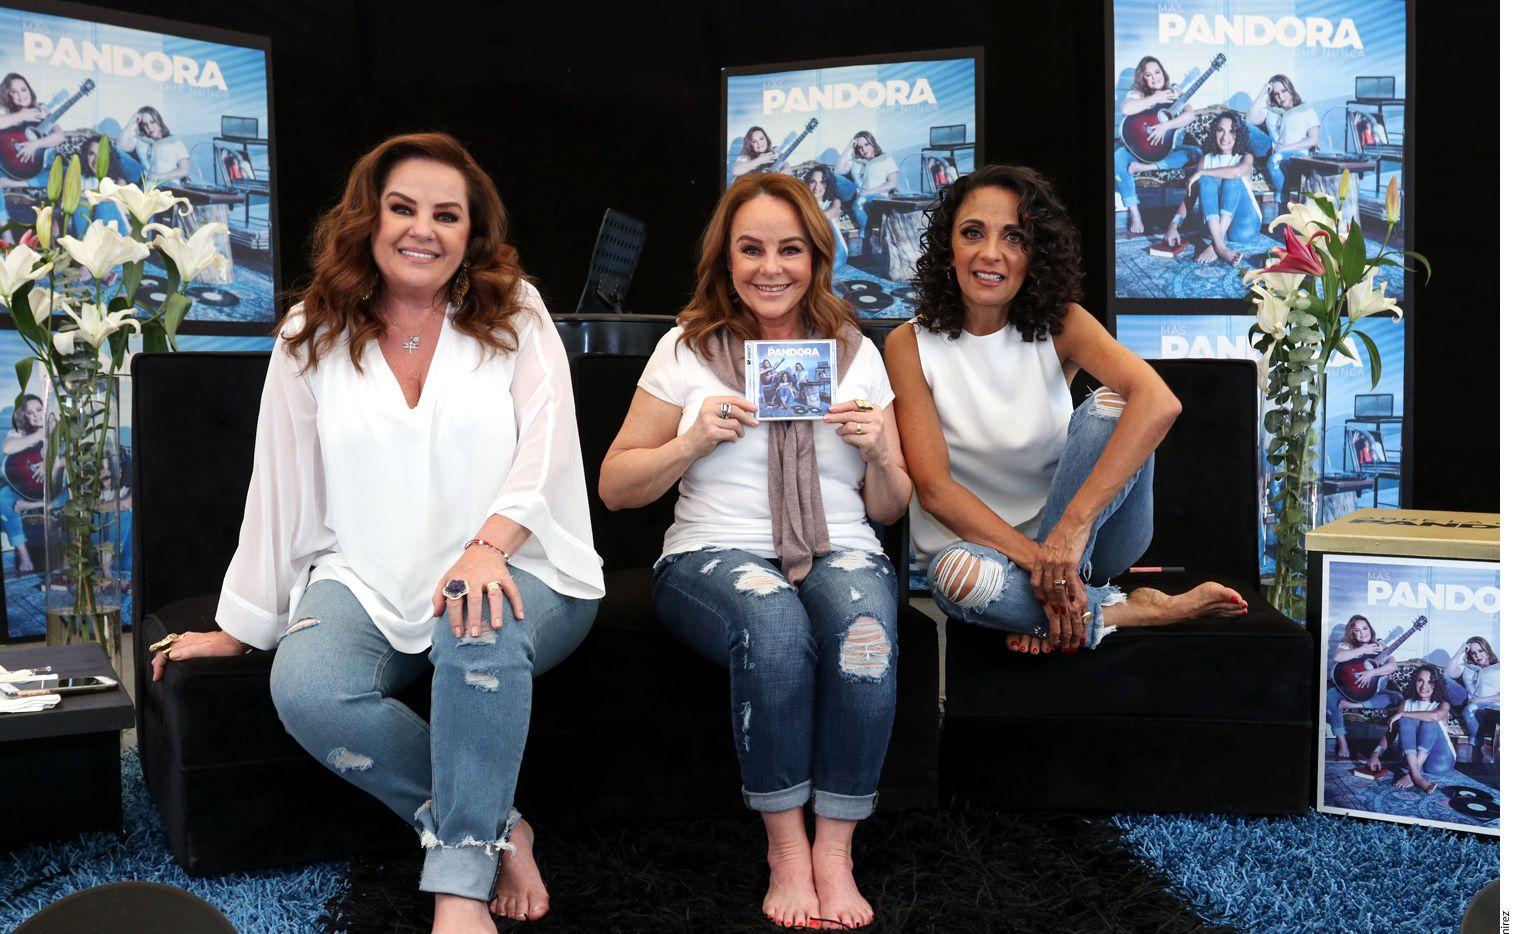 La armonía que impregna tanto sus voces como su relación interpersonal ha mantenido a Pandora como la agrupación femenina con más trayectoria en México. (AGENCIA REFORMA)